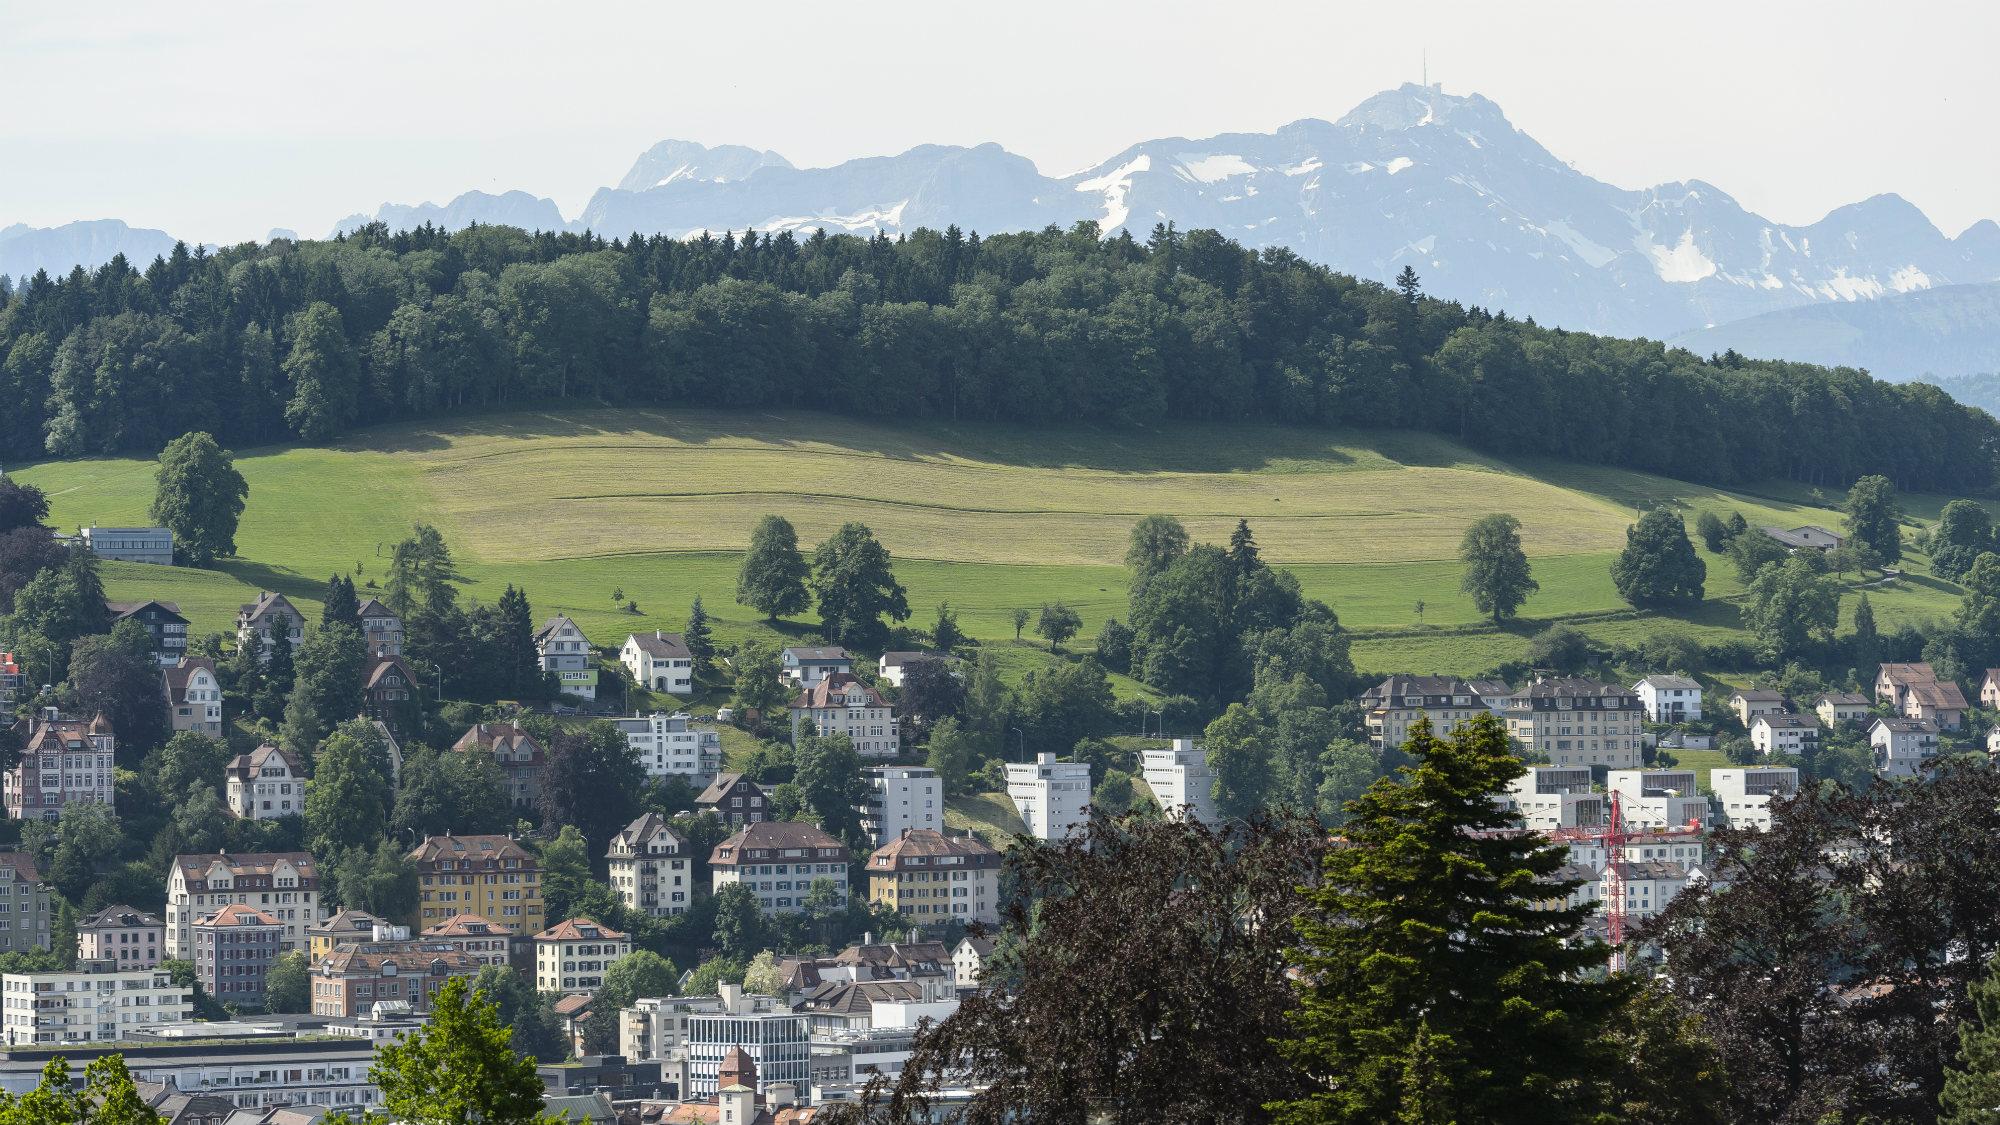 Luftaufnahme der Stadt St.Gallen mit dem Alpstein im Hintergrund